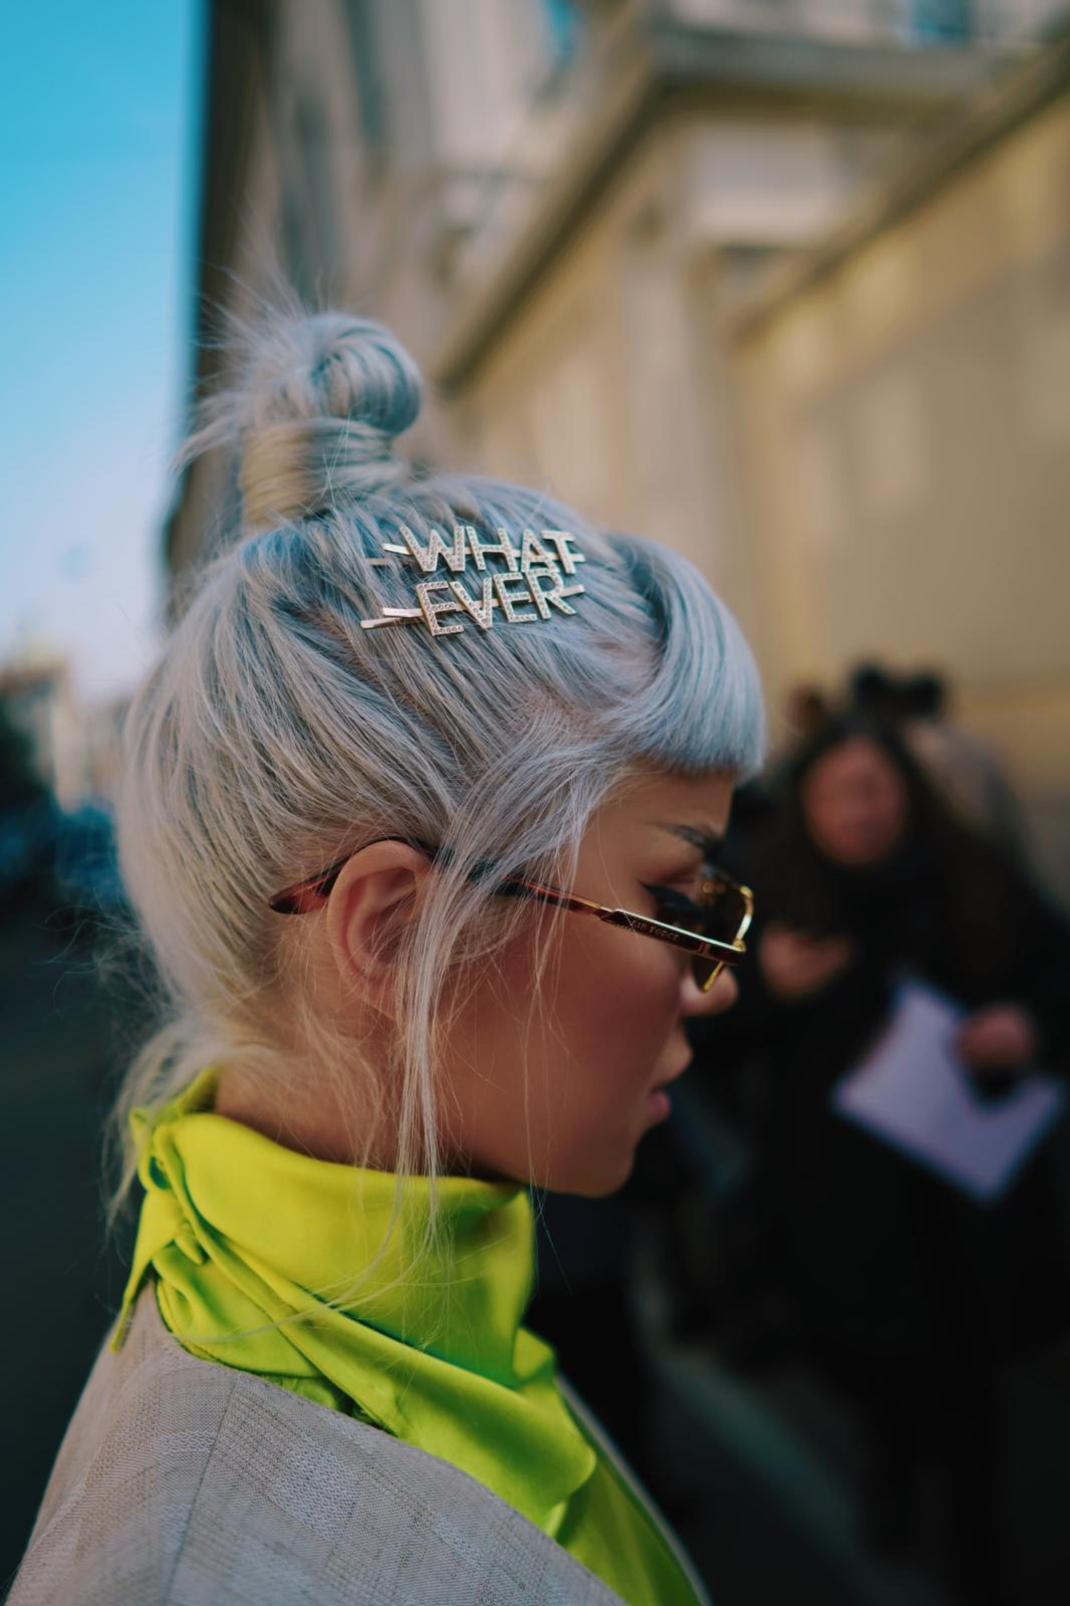 Milan Fashion Week – DAY 1